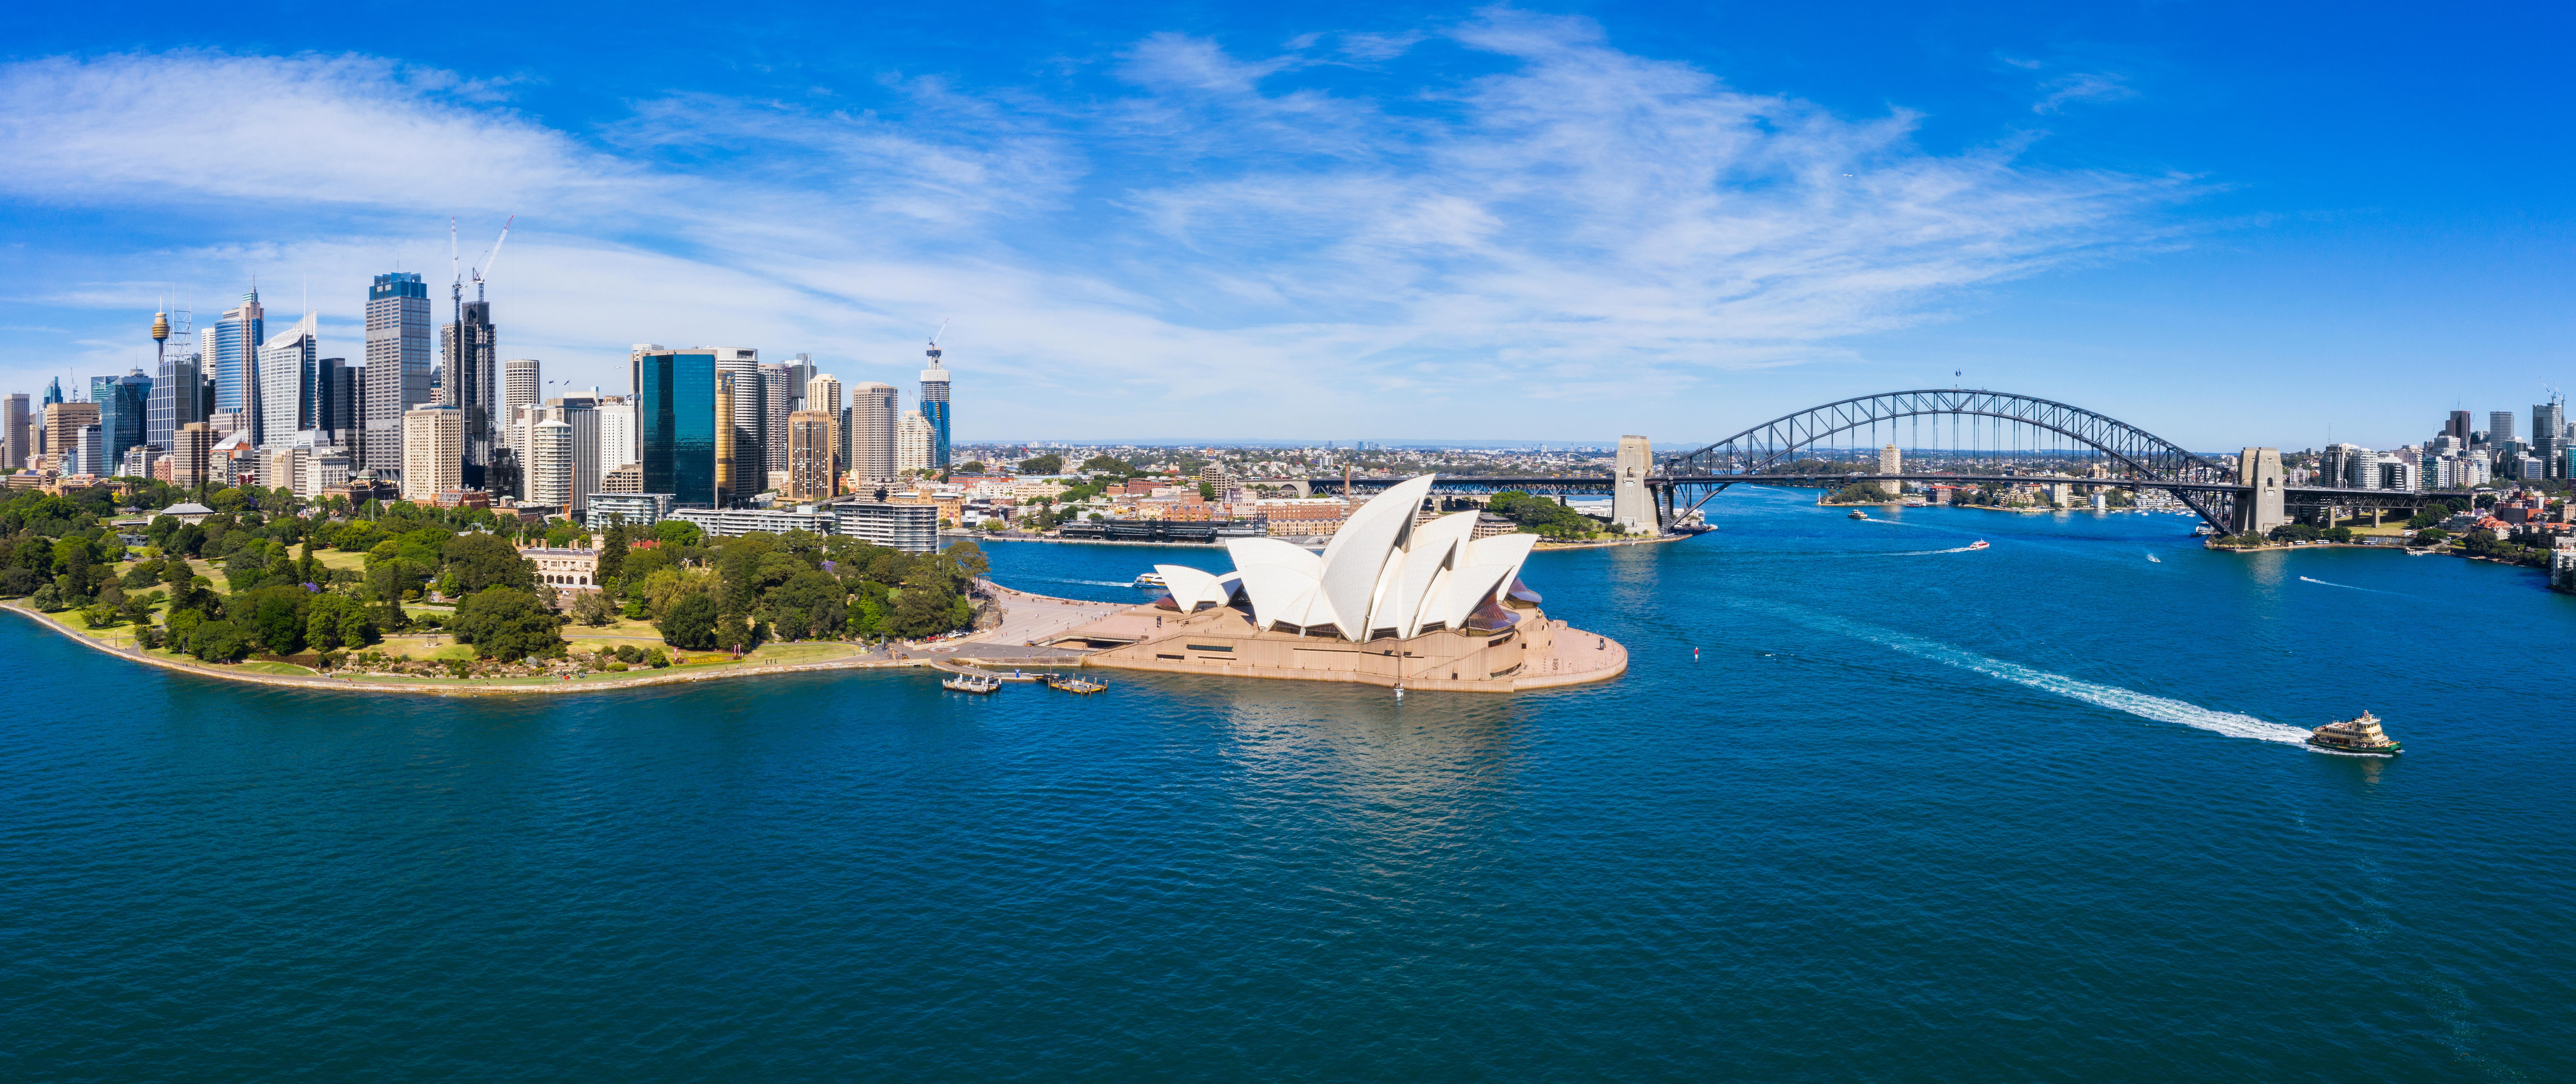 Сидней, город в Австралии, ВНЖ которой могут получить россияне, украинцы и белорусы